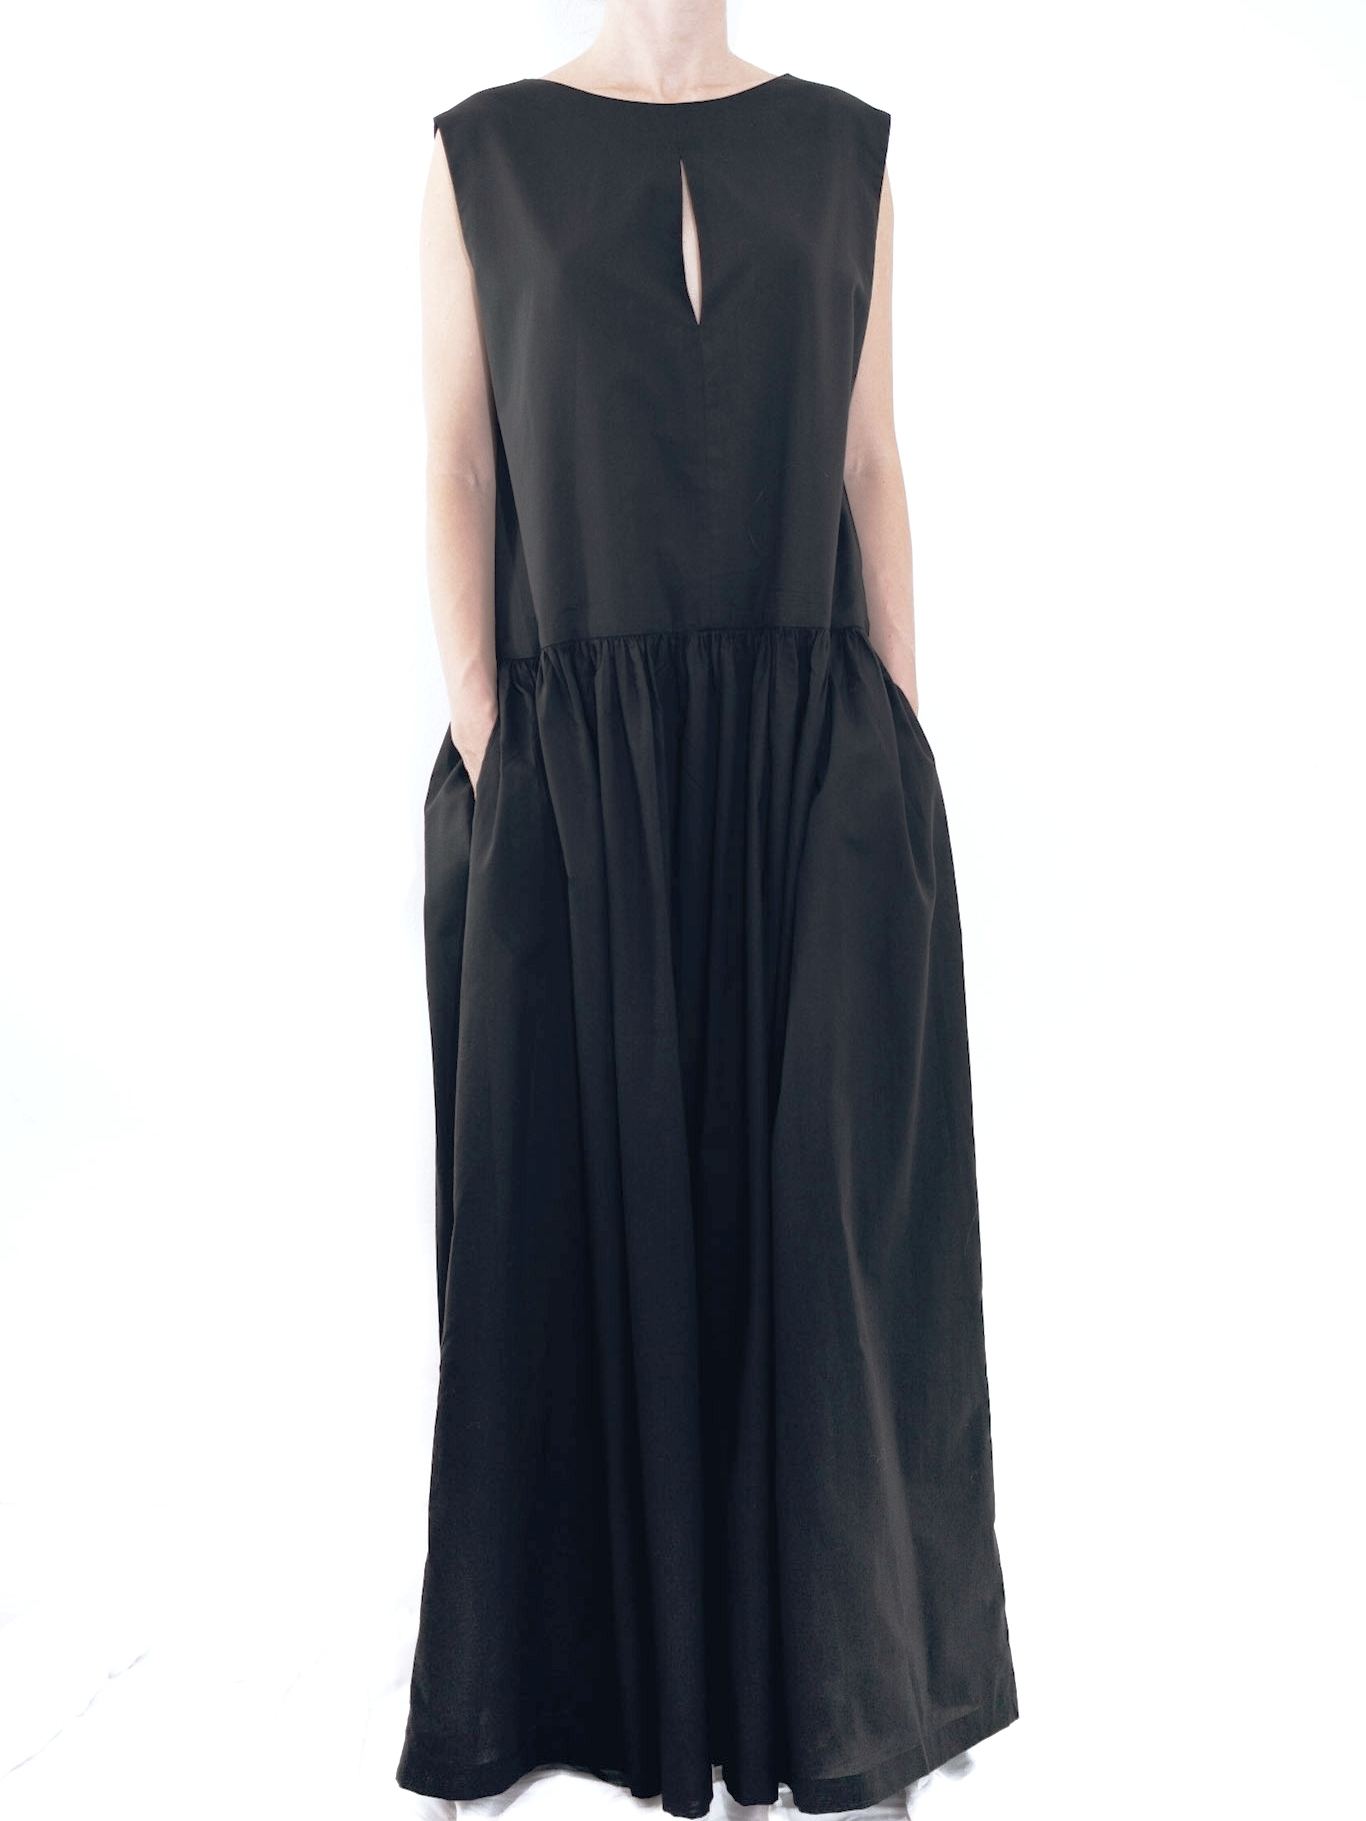 19.0.01 DB - DRESS : LINE  FABRIC: 100% COTTON  SIZE: S. M. L.  COLOR: BLACK